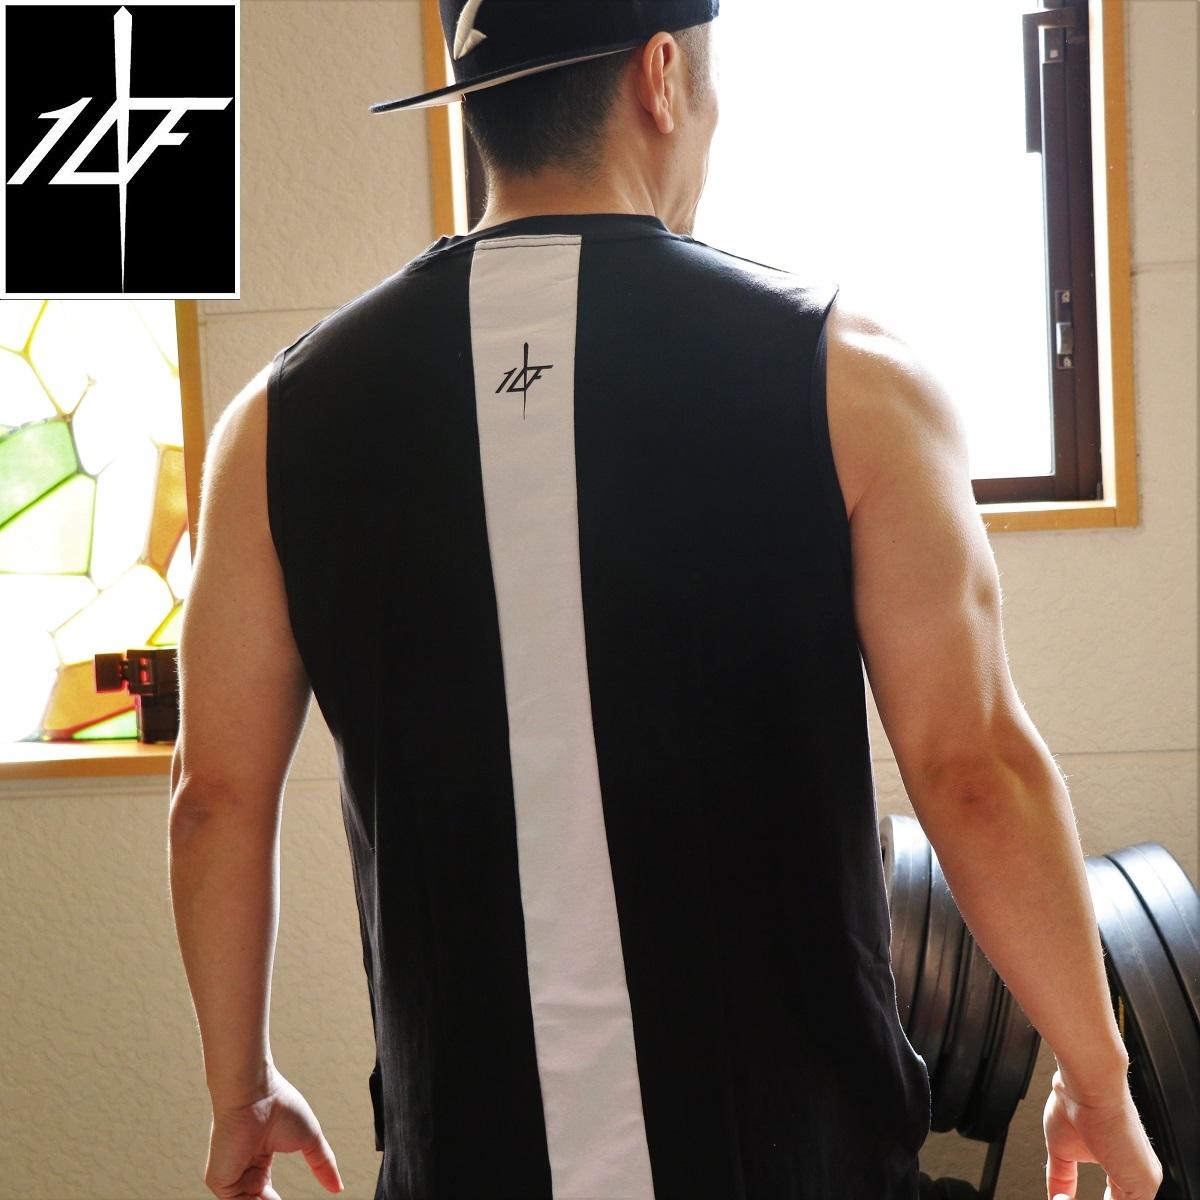 10FIT タンクトップ トレーニング 筋トレ ボディビル メンズ TT-19 黒白